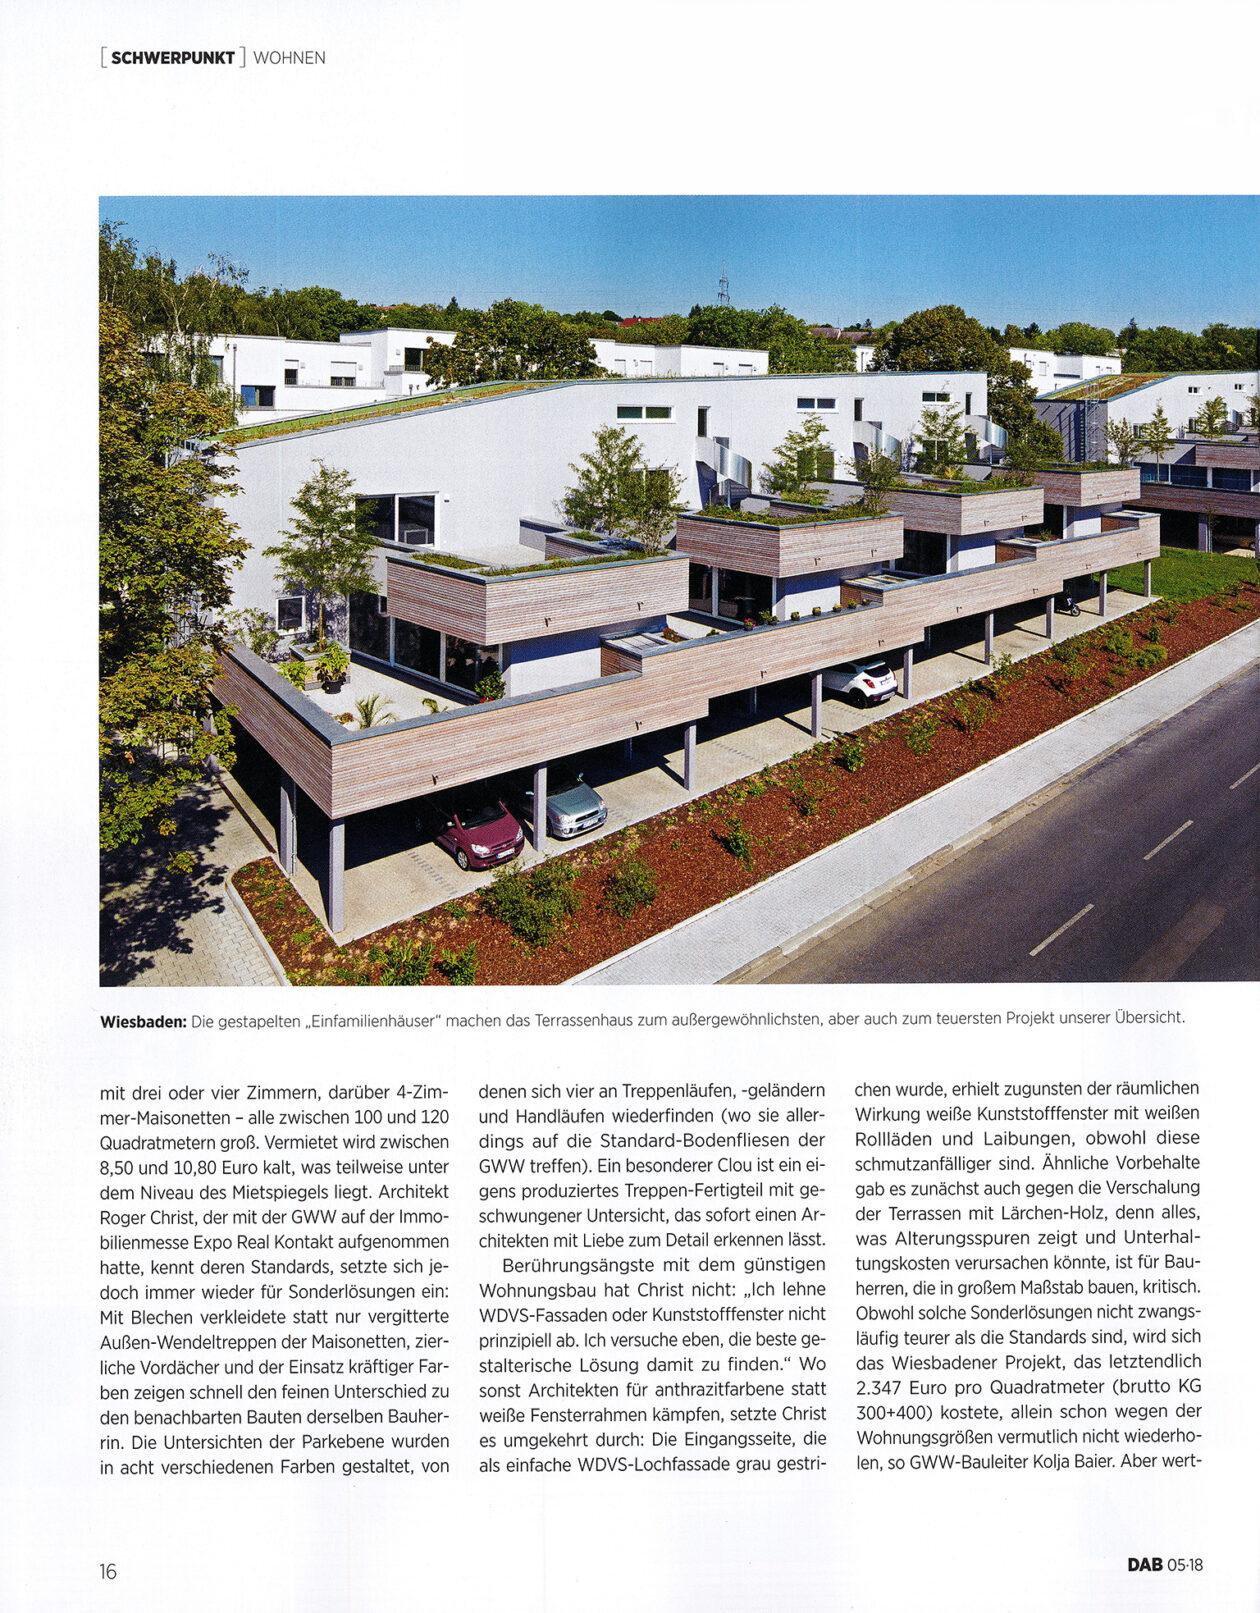 Deutsches Architektenblatt 04